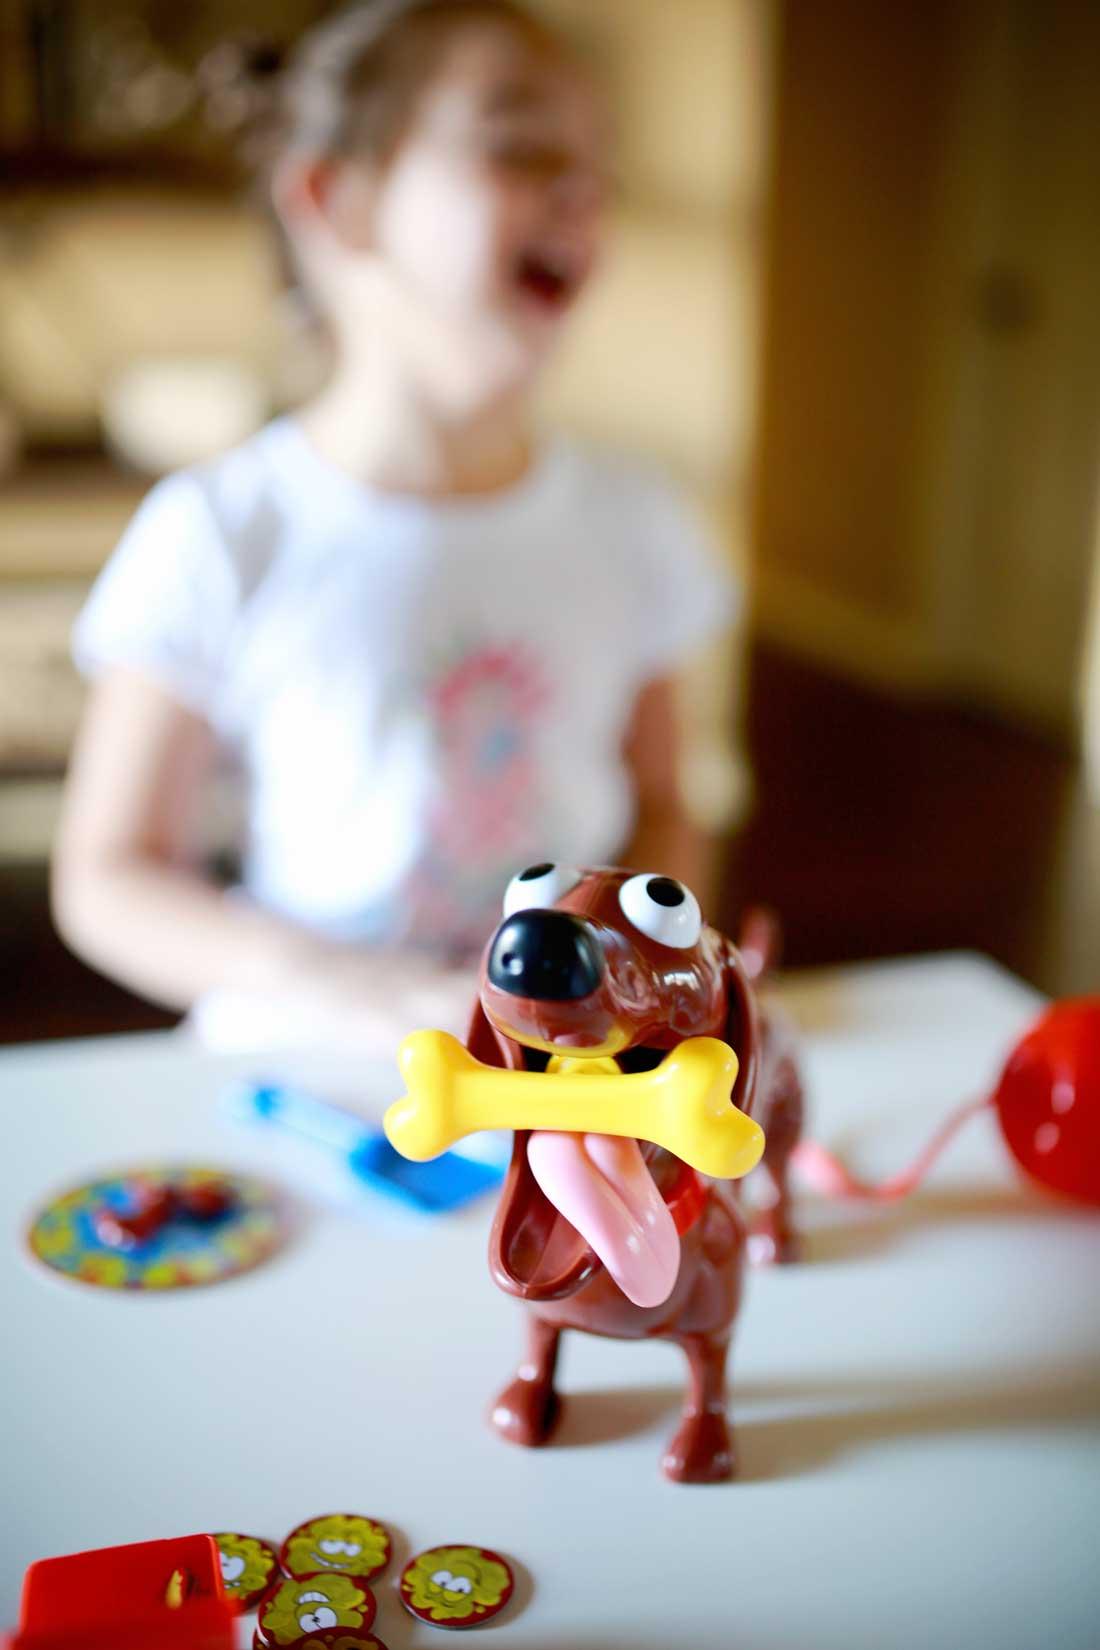 Doggie Doo by Goliath Games. Super fun kids game!